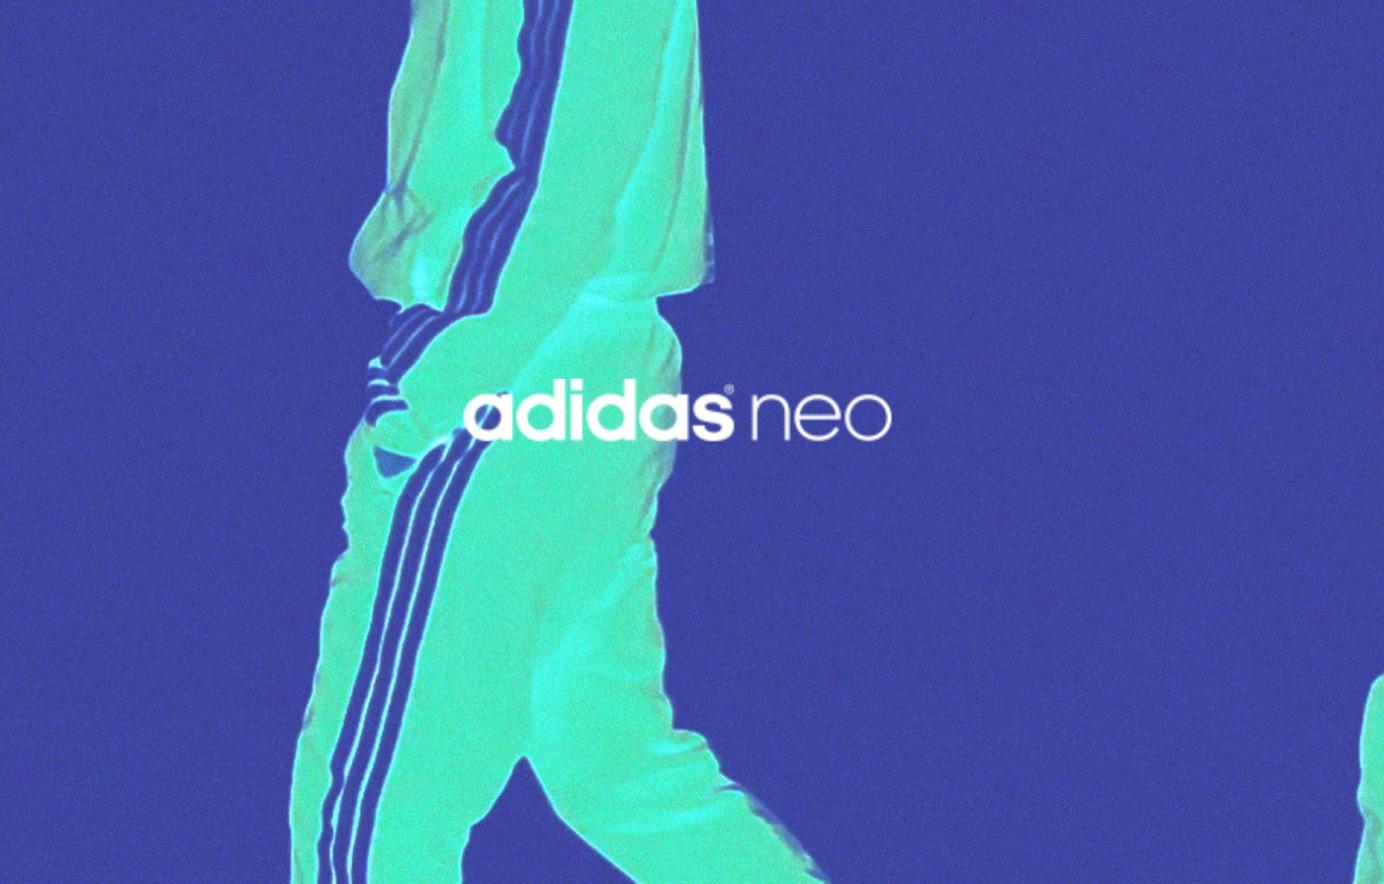 adidas neo 2018